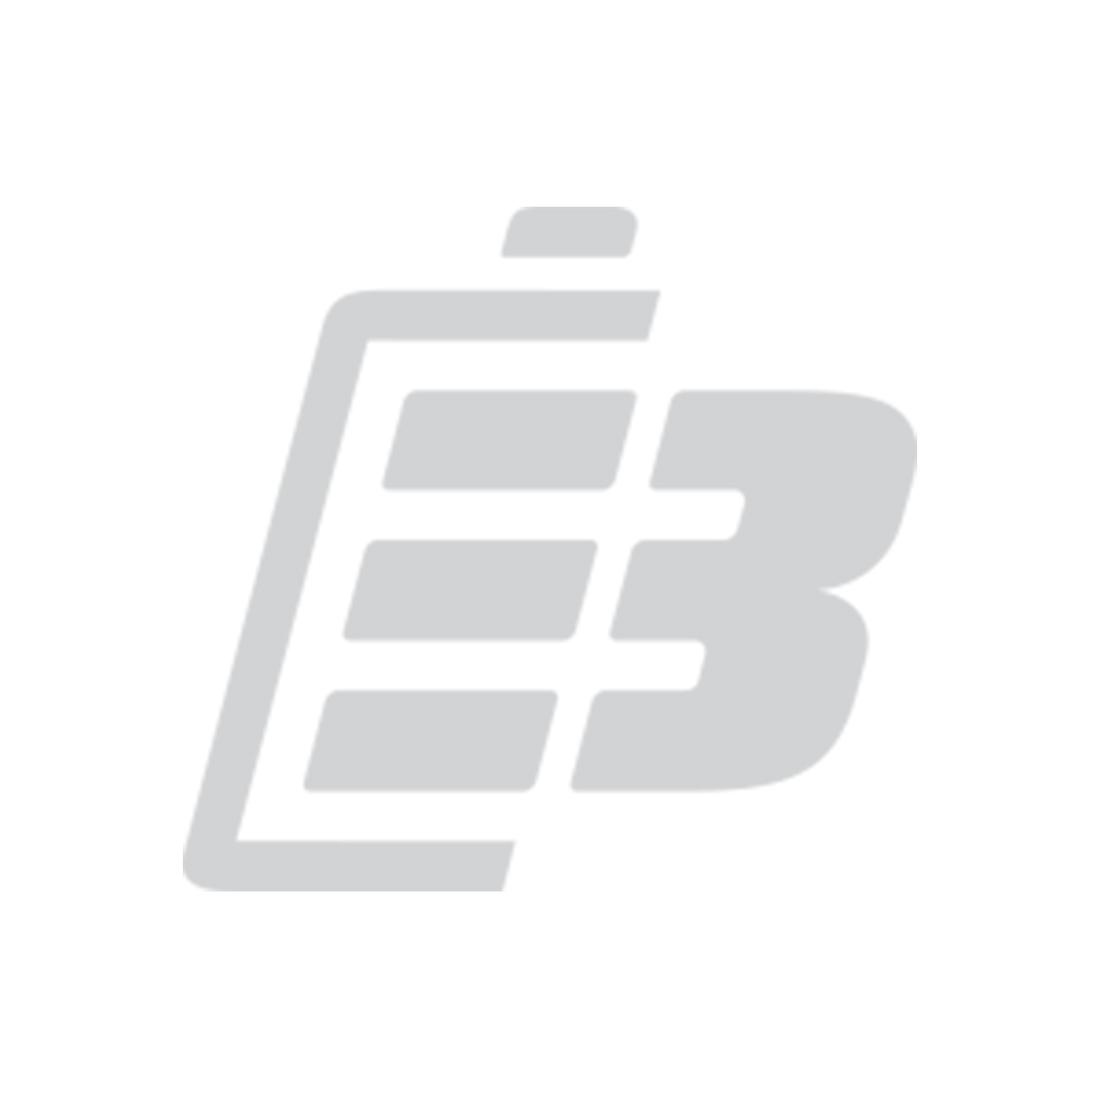 Μπαταρία ηλεκτρικού κολάρου σκύλου Dogtra 2300NCP Receiver_1